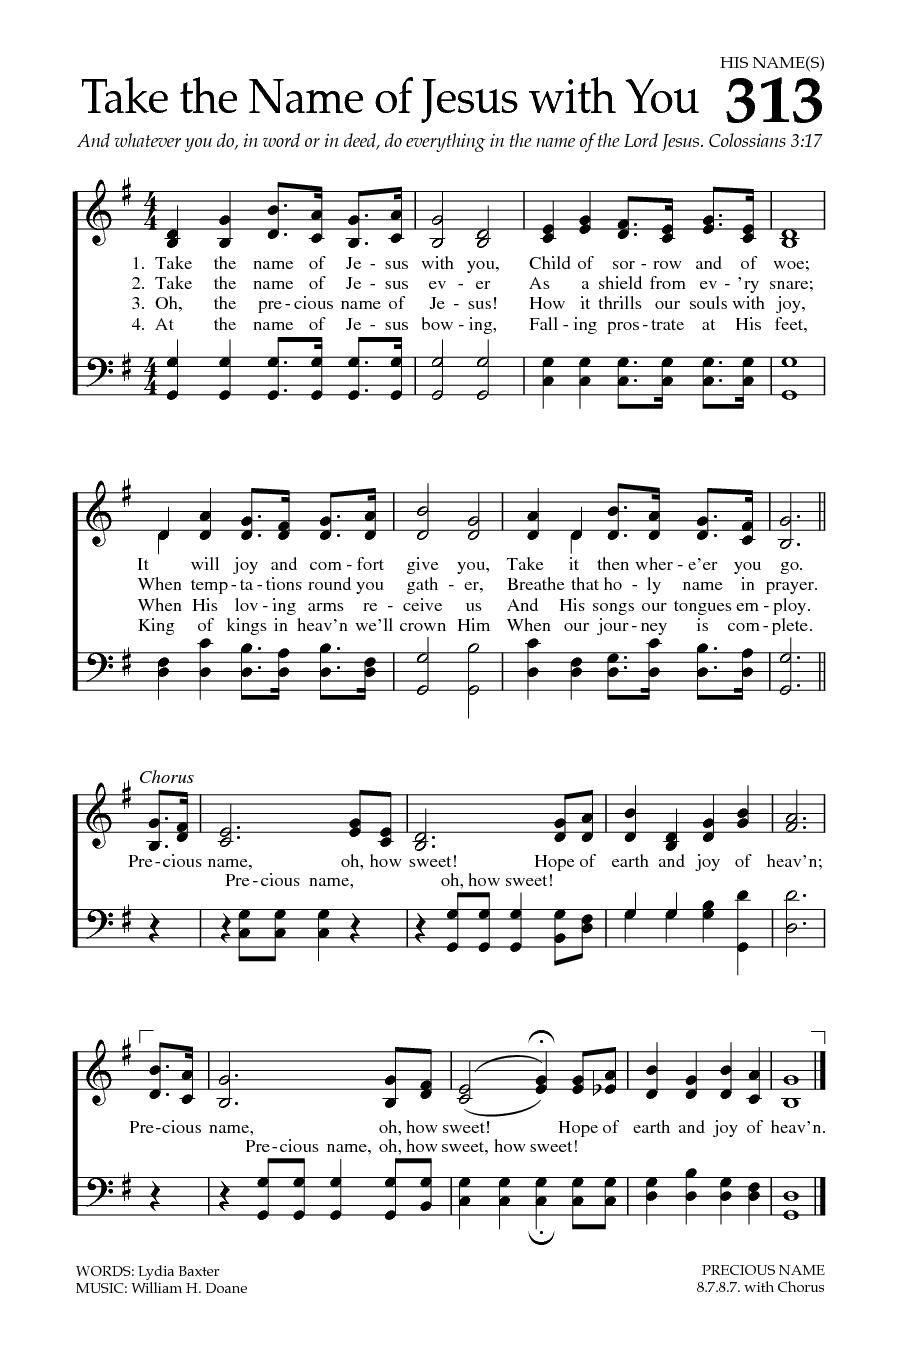 悩める人びと 英語 楽譜 take the name of jesus with you